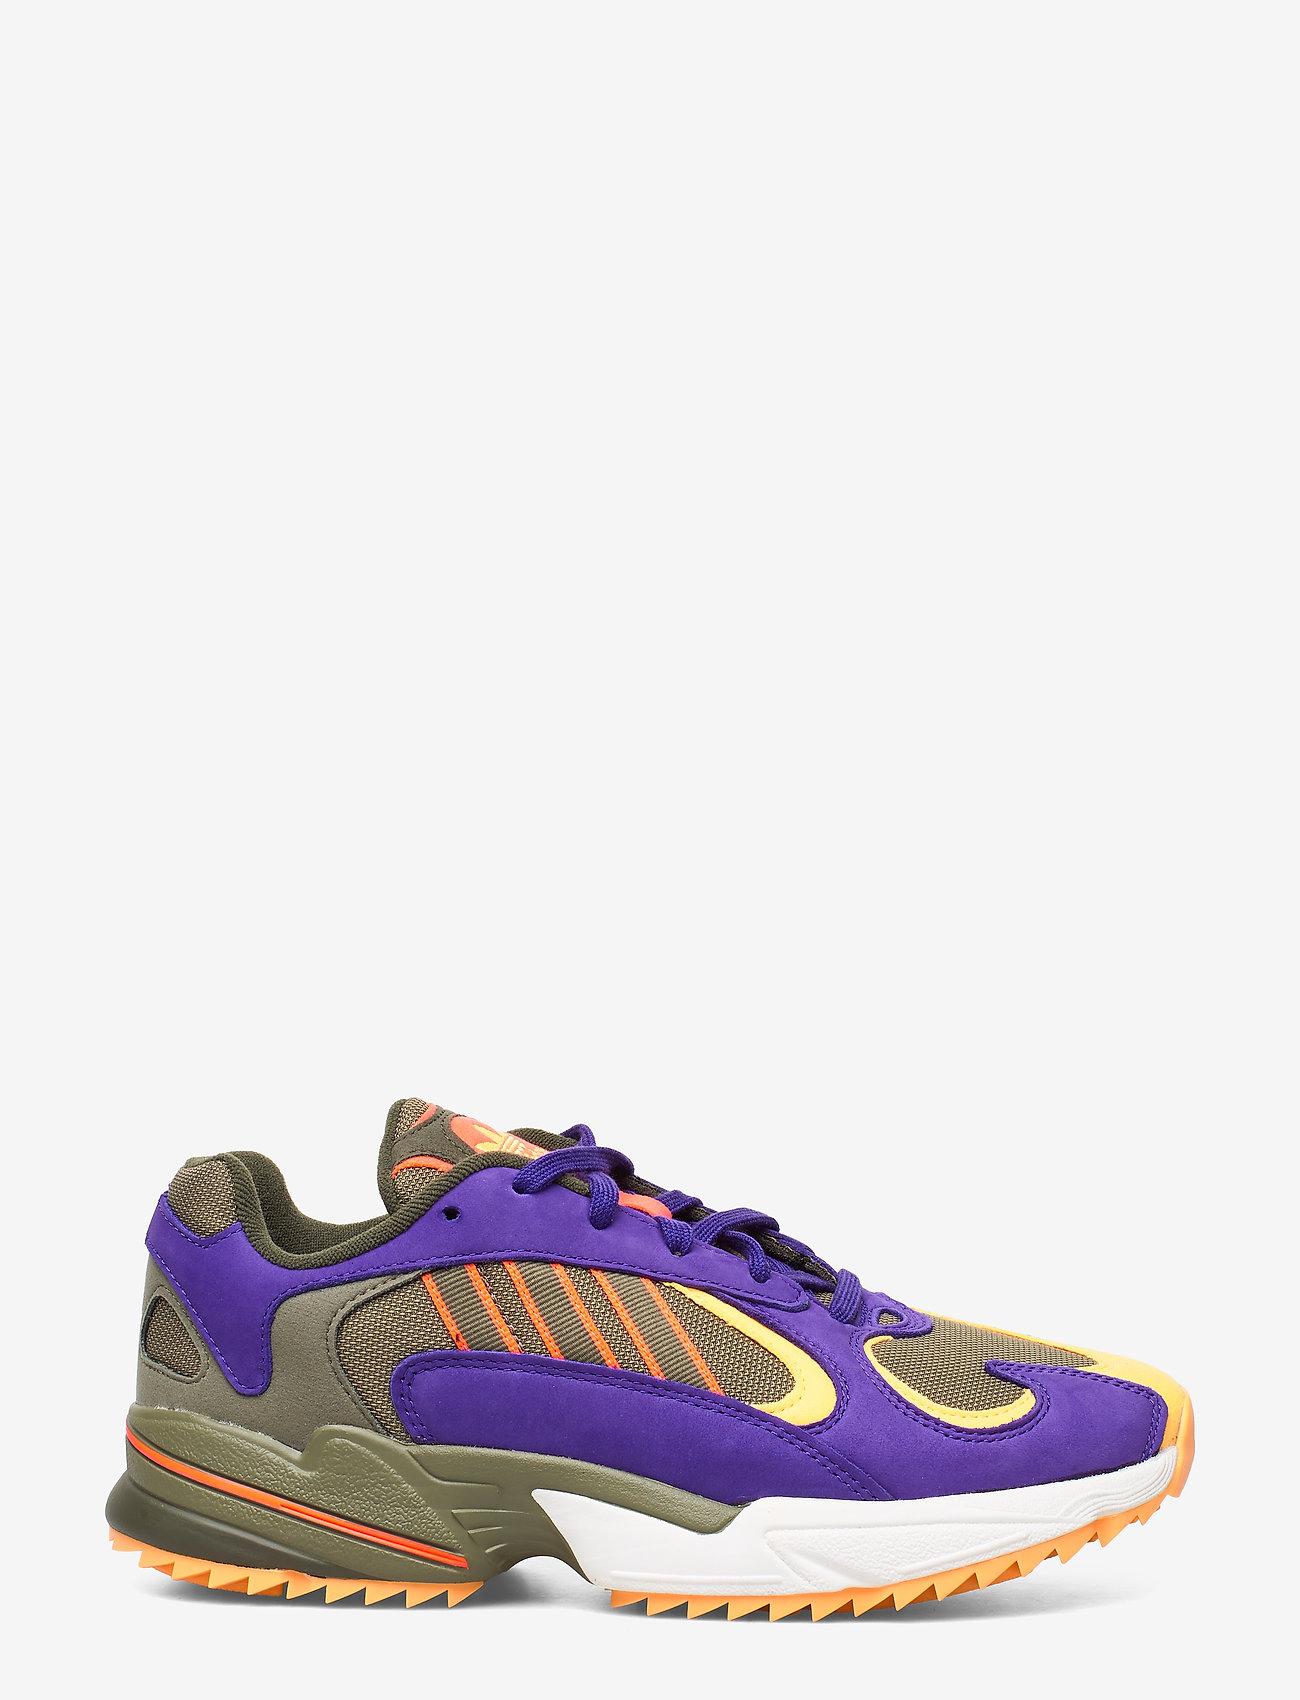 Yung-1 Trail (Rawkha/rawkha/solred) - adidas Originals